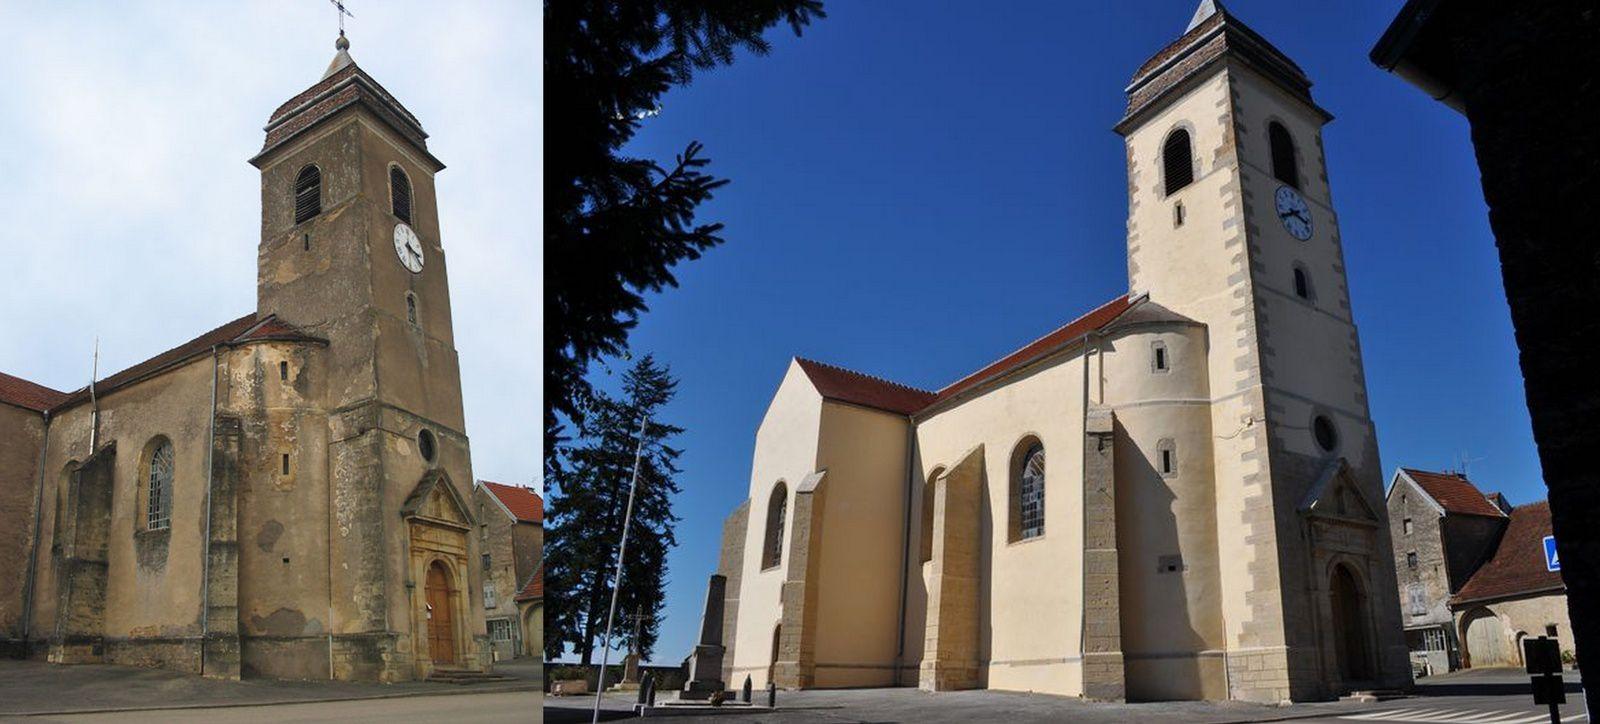 La restauration de l'église de Fleurey